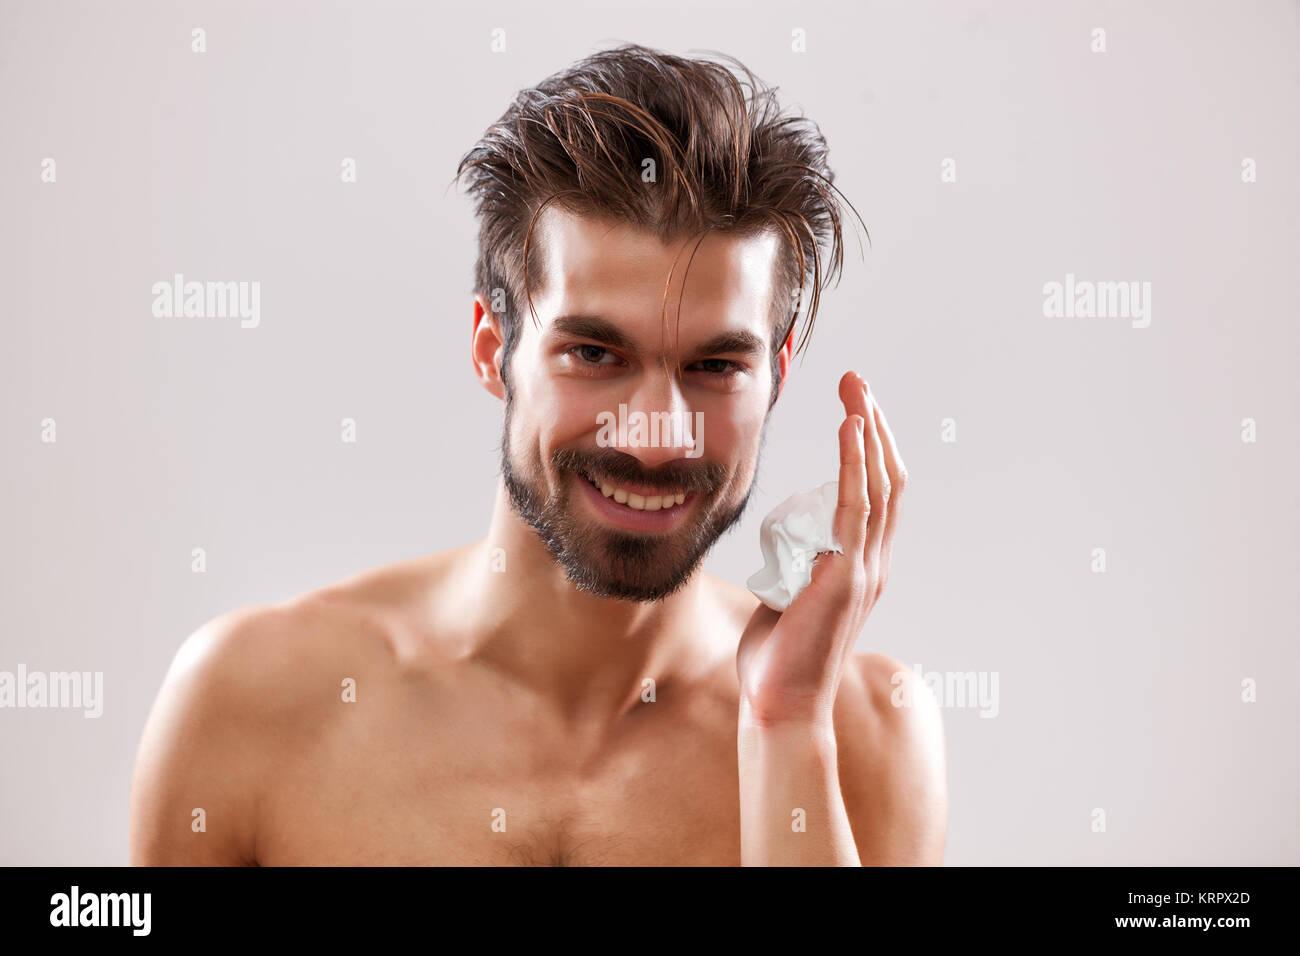 Jungen gutaussehenden Mann bereit ist, sich den Bart zu rasieren. Stockbild